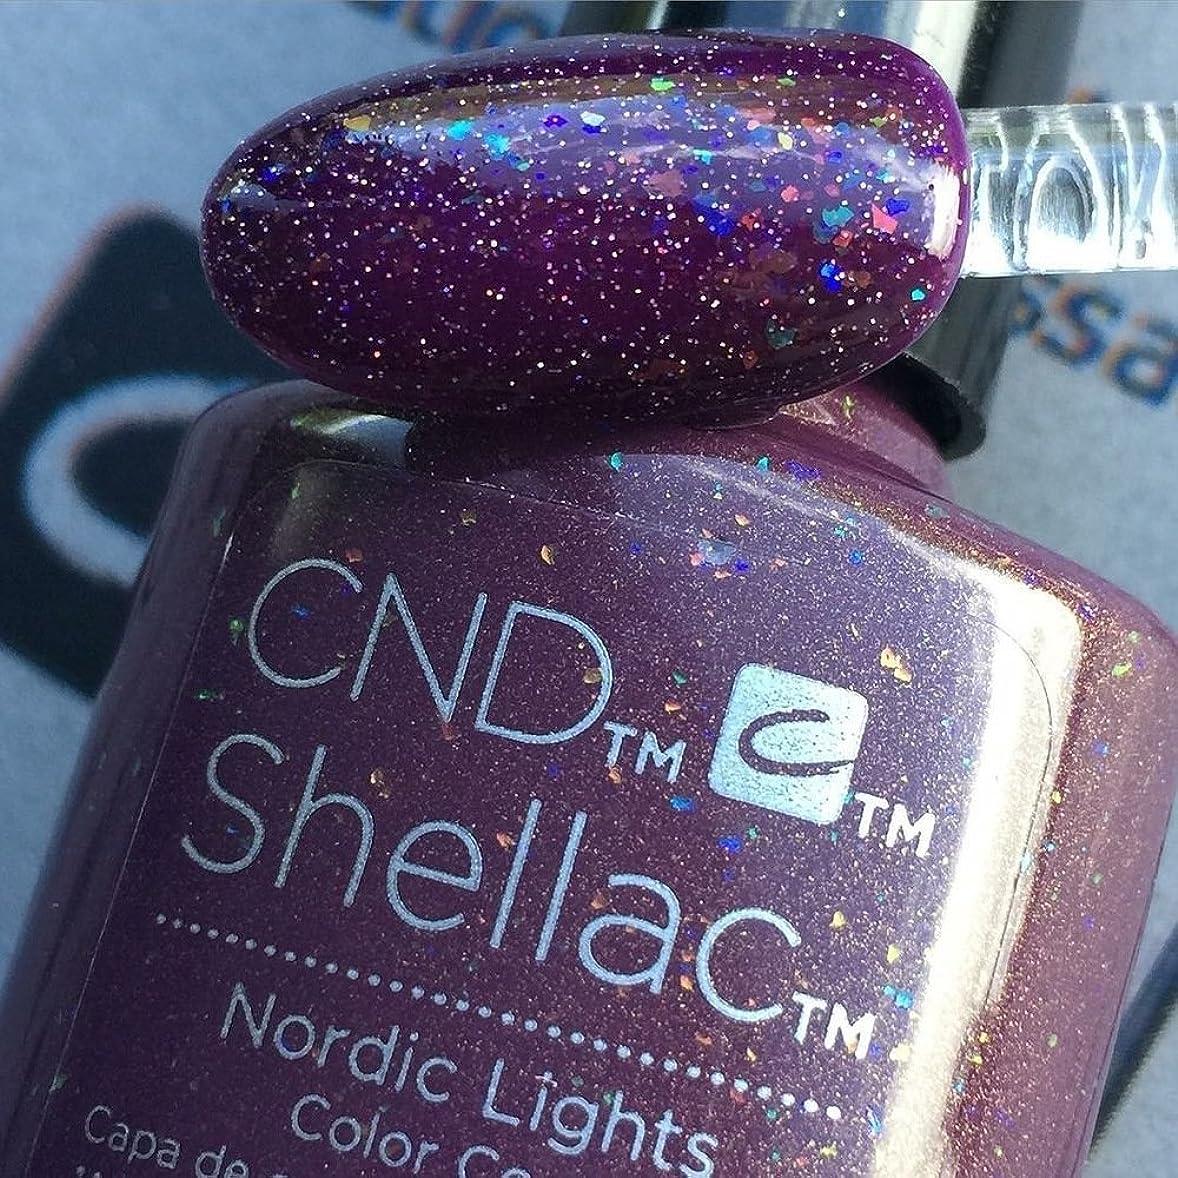 伝説提案珍しいCND シェラック UV カラーコート 211 ノルディックライト Nordic Lights 7.3ml